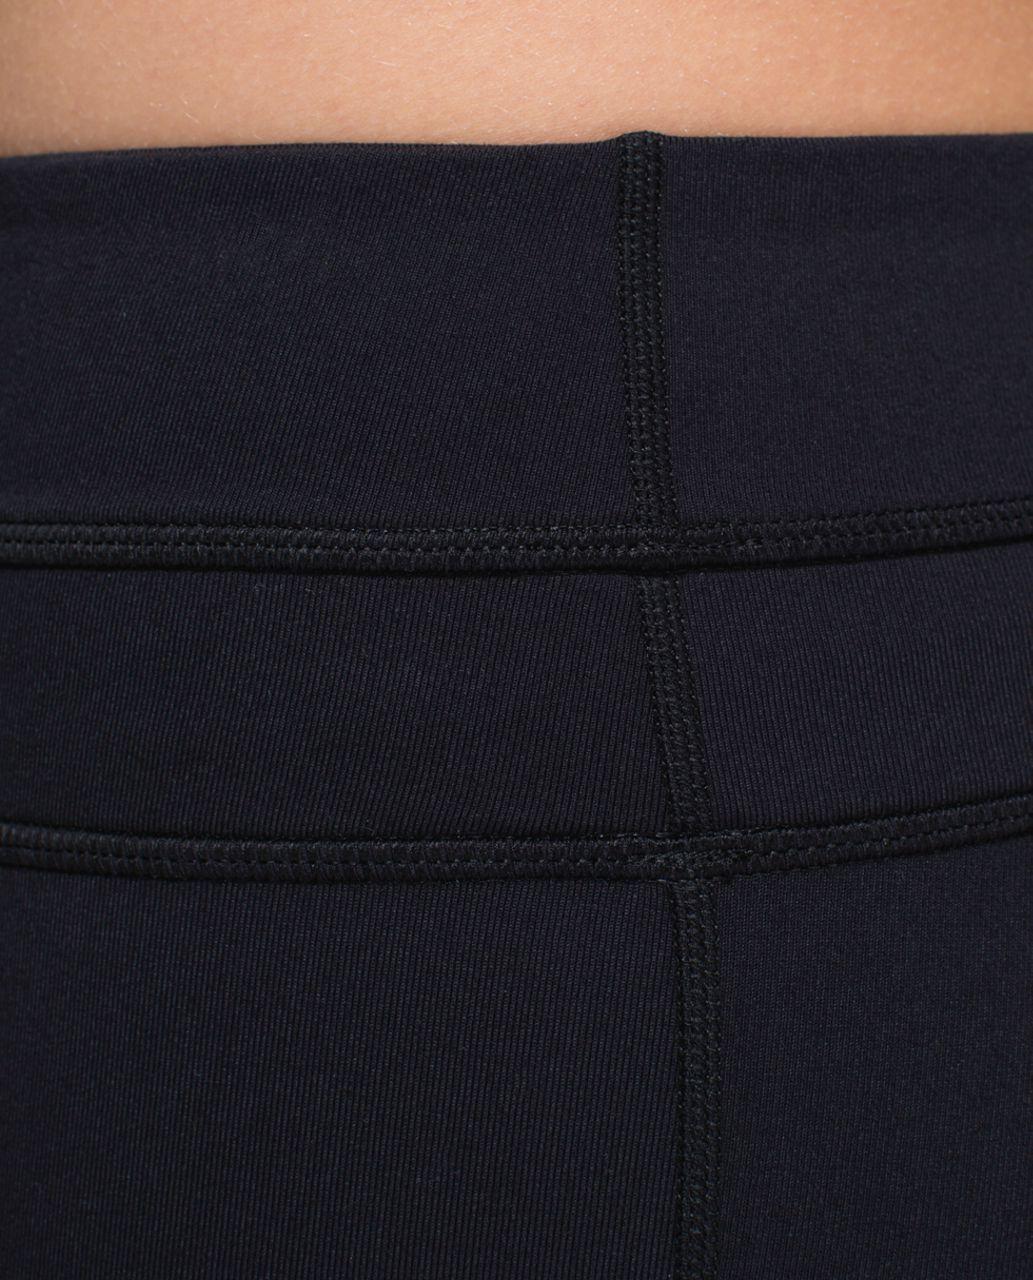 Lululemon Skinny Groove Pant *Brushed - Black